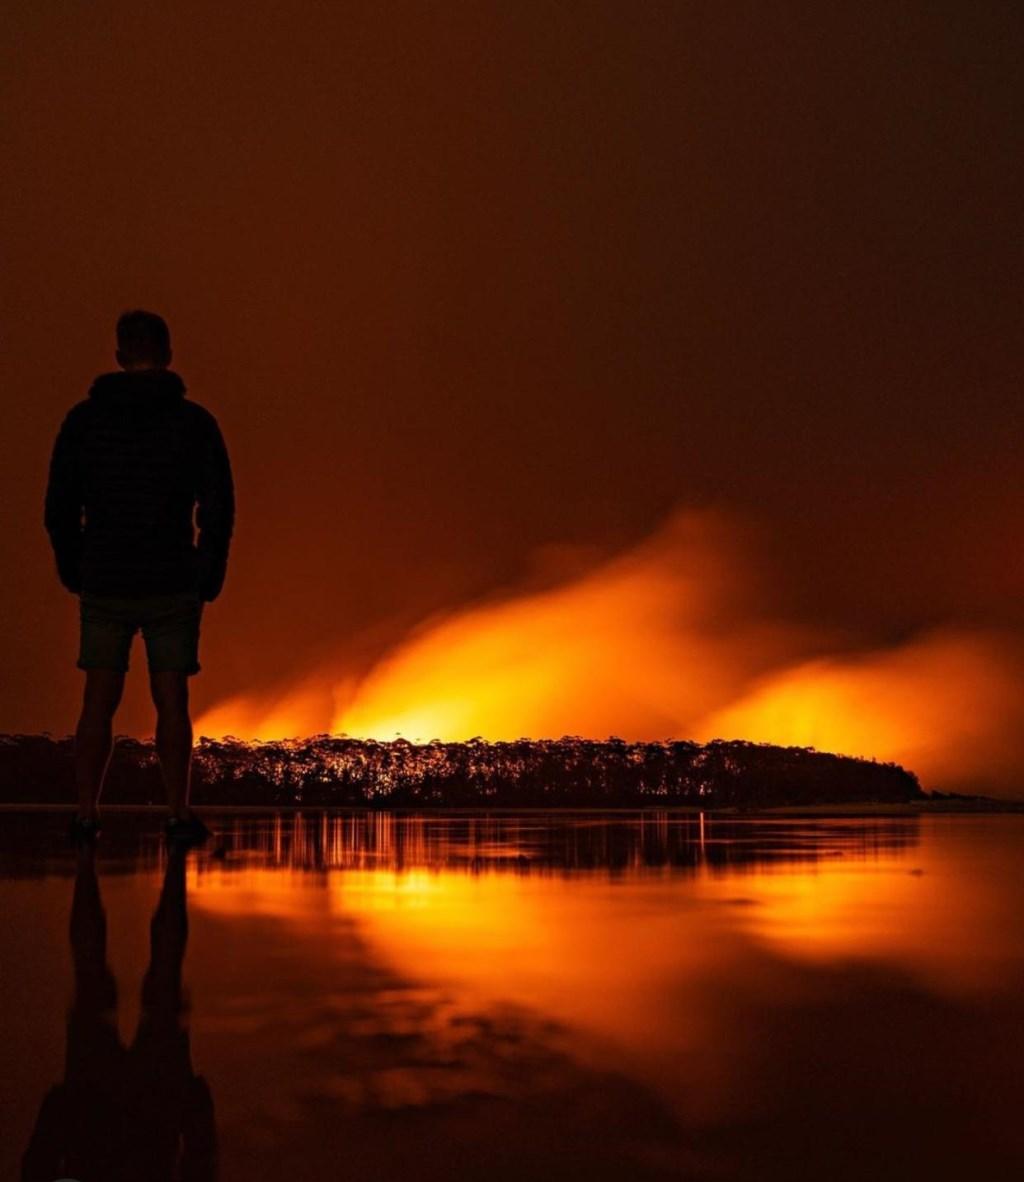 De bosbranden in Australië laten diepe sporen achter bij de lokale bevolking.  © Kliknieuws De Maas Driehoek